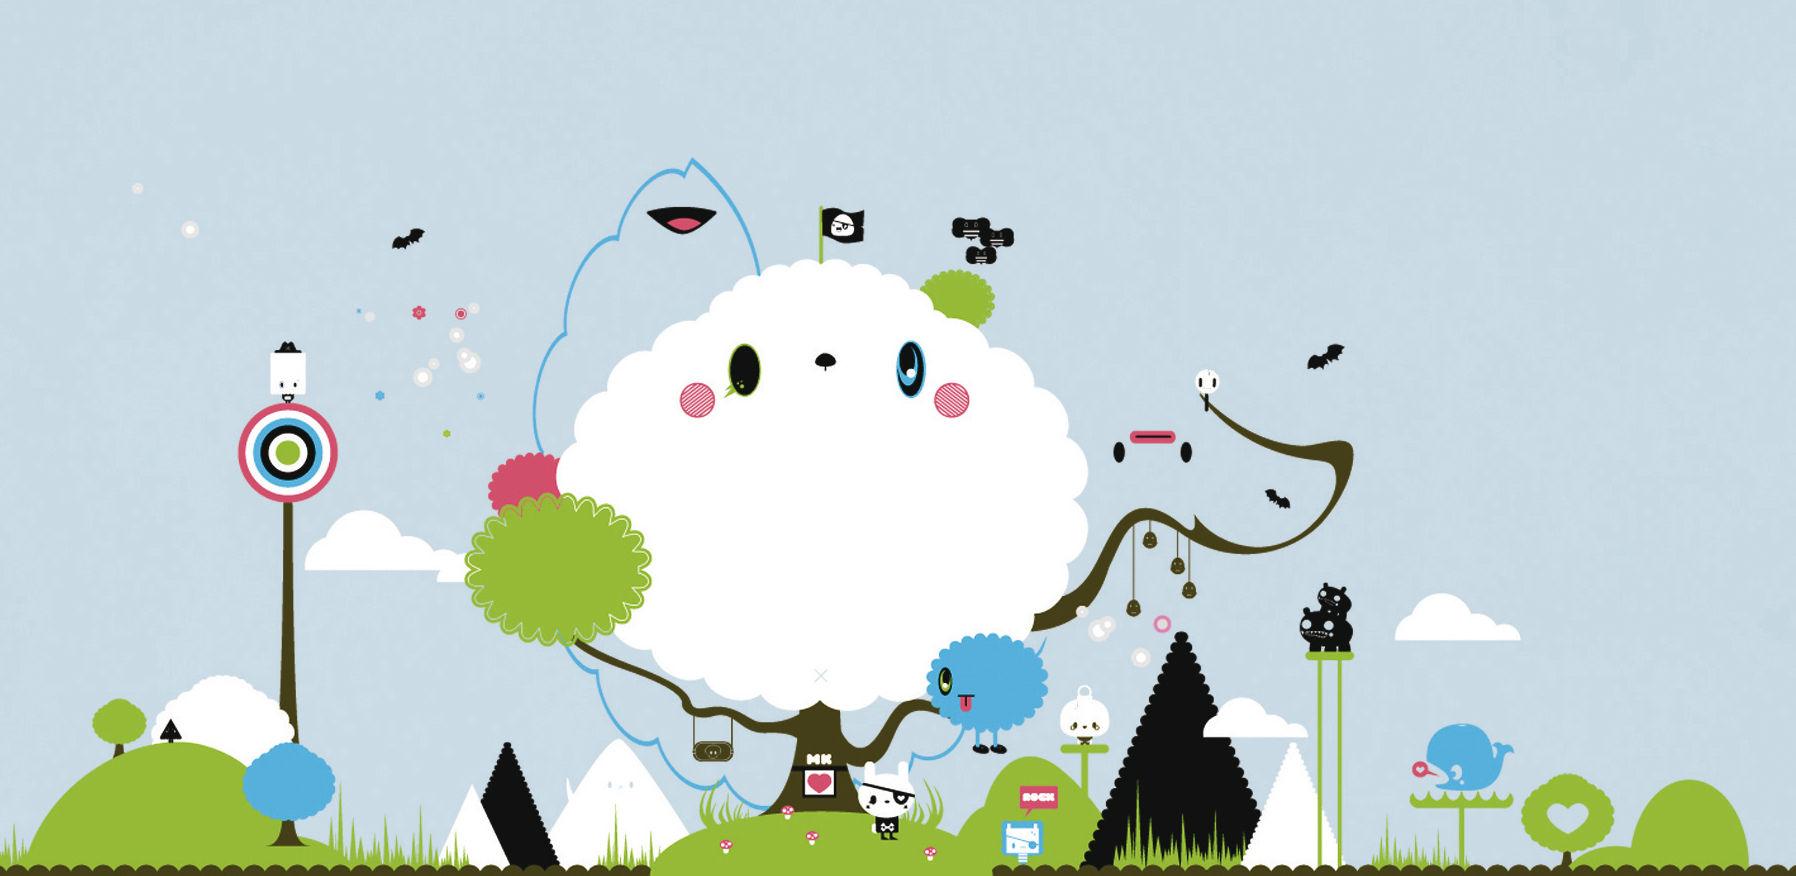 Déco - Stickers, papiers peints & posters - Sticker Cloud - Domestic - Multicolore - Vinyle